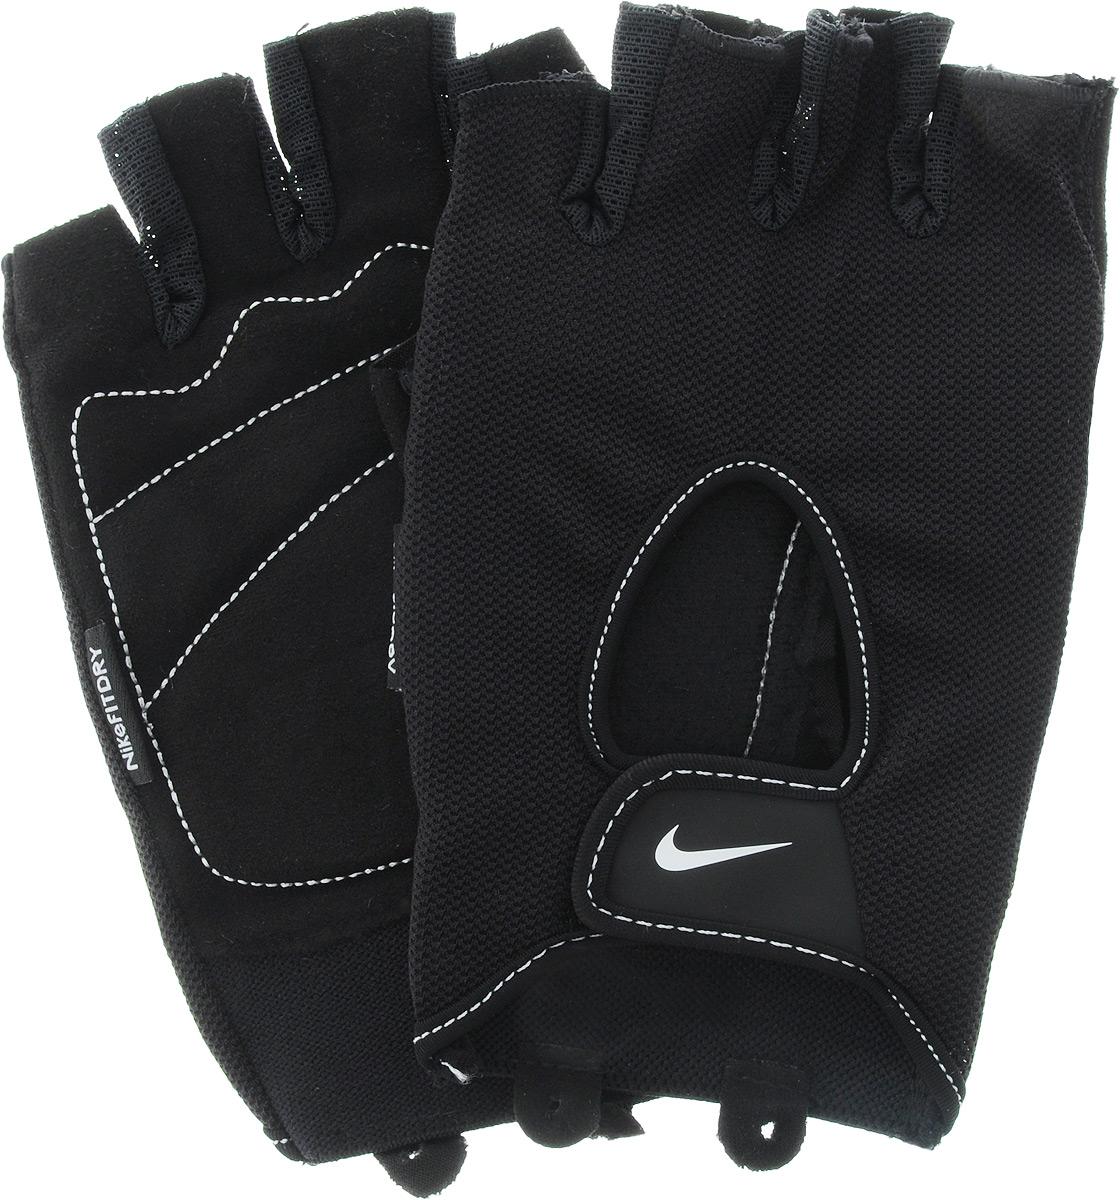 Перчатки для фитнеса мужские Nike Mens Fundamental Training Gloves, цвет: черный. Размер ХL9.092.054.037.Удобные перчатки Nike Mens Fundamental Training Gloves для фитнеса оформлены цветнымлоготипом бренда Nike. Трафаретная печать swoosh-лого на внешней стороне моделиобеспечивает моментальную идентификацию бренда.Ладонь прошита в линиях сгиба,обеспечивая тем самым необходимое смягчение в самых важных зонах. Внутренняя частьперчаток выполнена из мягкой искусственной замши, что обеспечивает комфорт и долговечностьв использовании данного аксессуара.Регулируемая застежка на запястье обеспечиваетнадежную посадку.